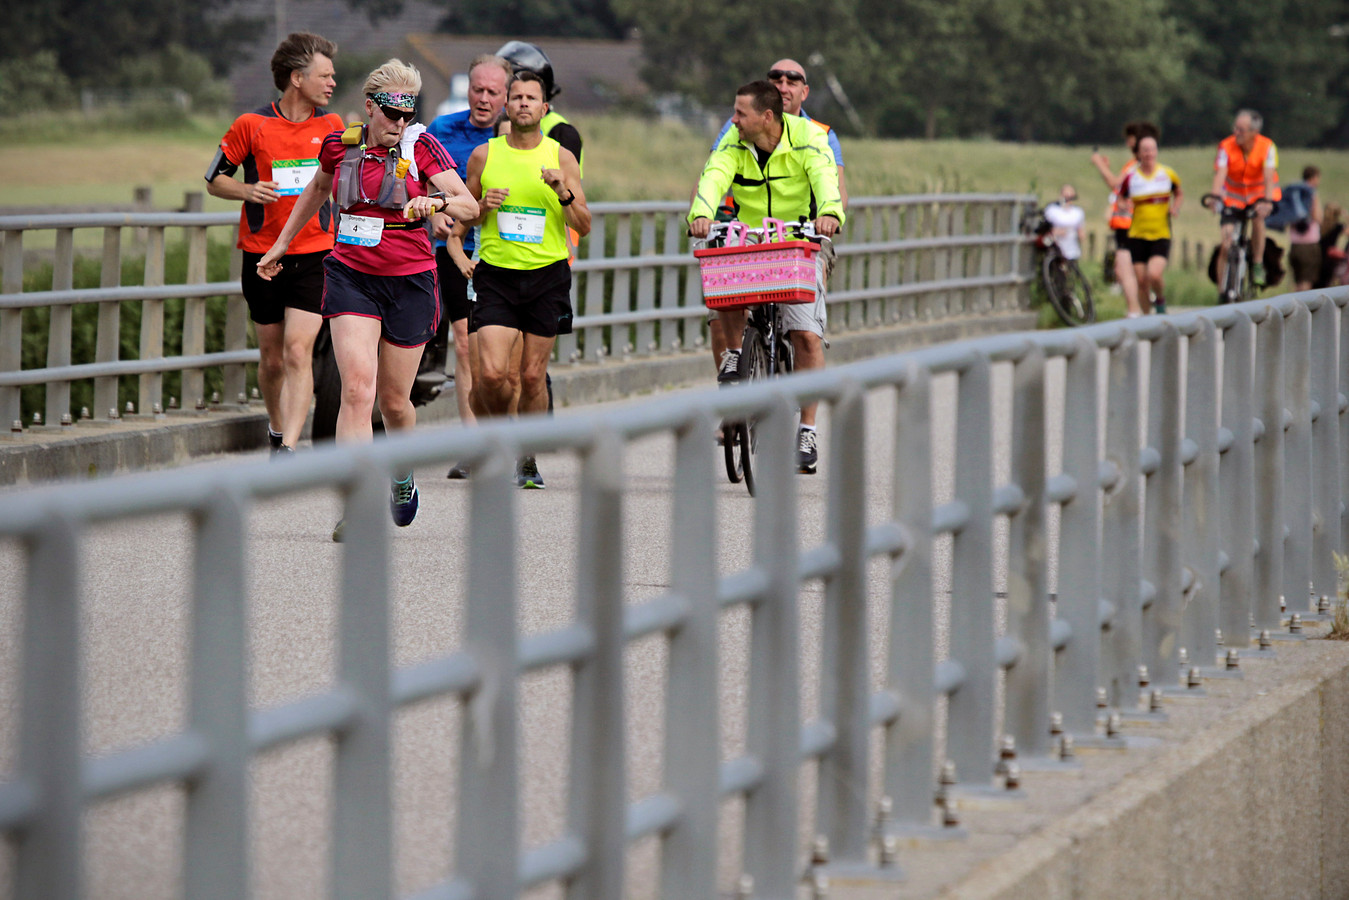 Deelnemers aan de Maasdijk Marathon in 2018, gefotografeerd in Keent.